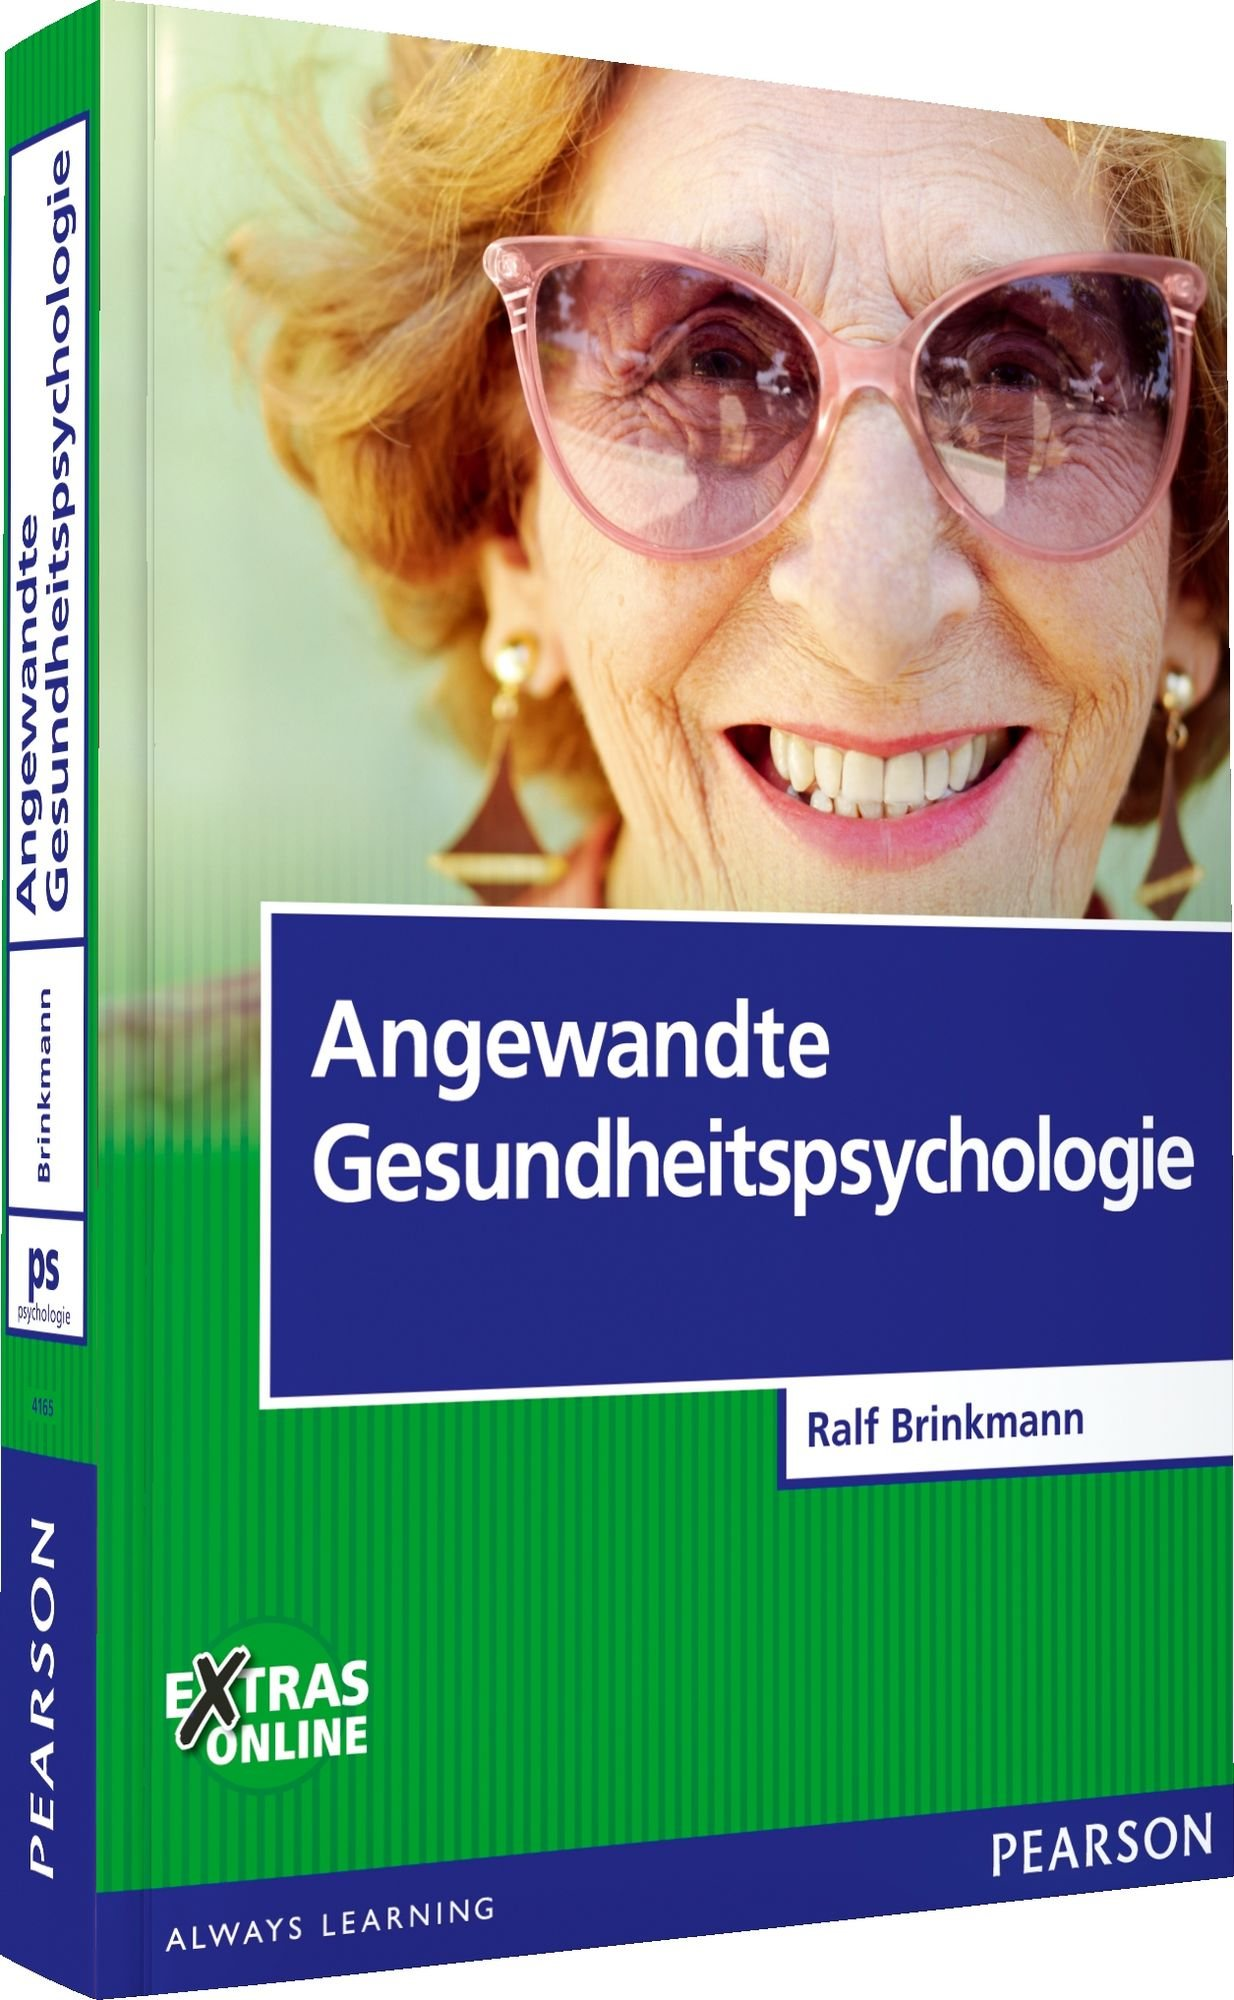 Angewandte Gesundheitspsychologie (Pearson Studium - Psychologie) Taschenbuch – 1. März 2014 Prof. Dr. Ralf Brinkmann 3868941657 Angewandte Psychologie für die Hochschulausbildung